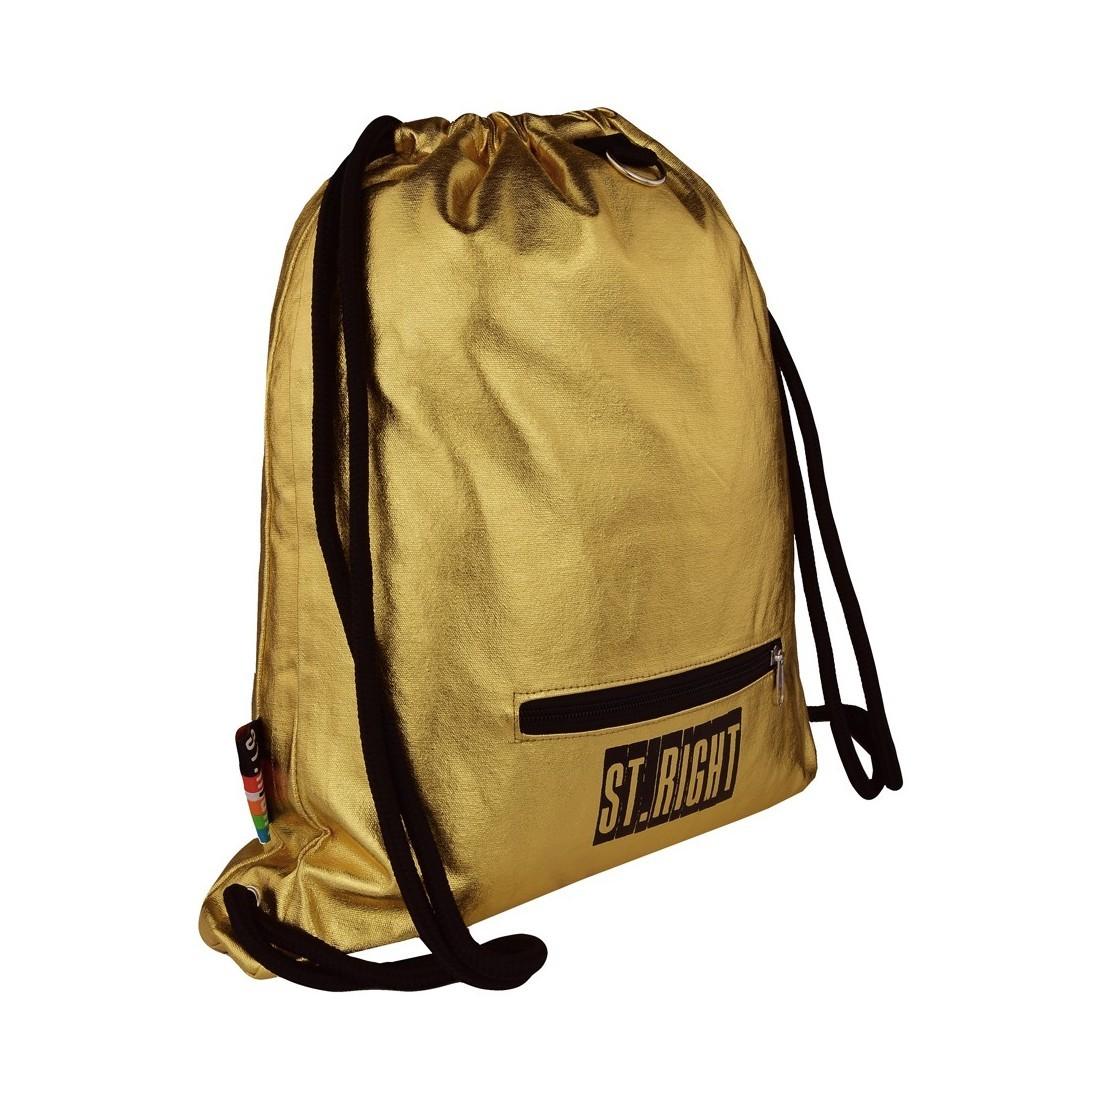 0163a1bc777c0 ... Worek   plecak na sznurkach ST.RIGHT GOLD złoty dla dziewczyny ...